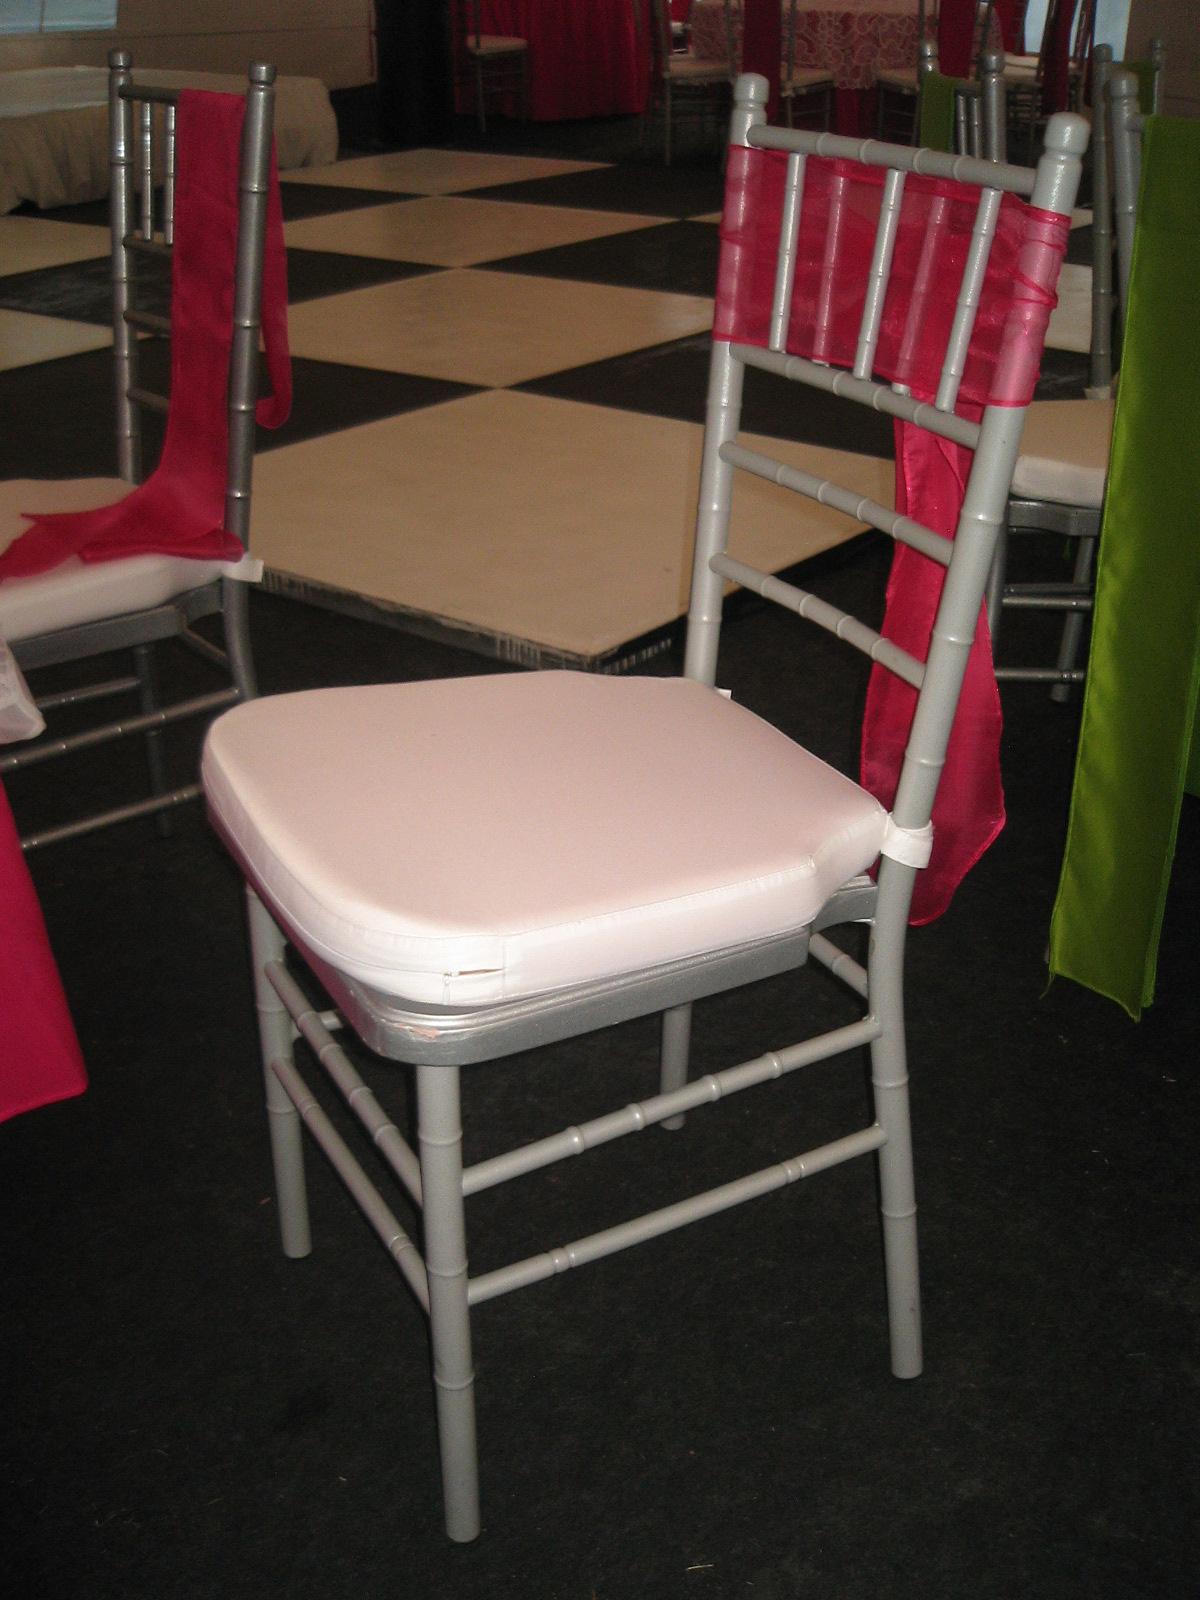 Abcmultiespacios alquiler de sillas for Sillas para rentar